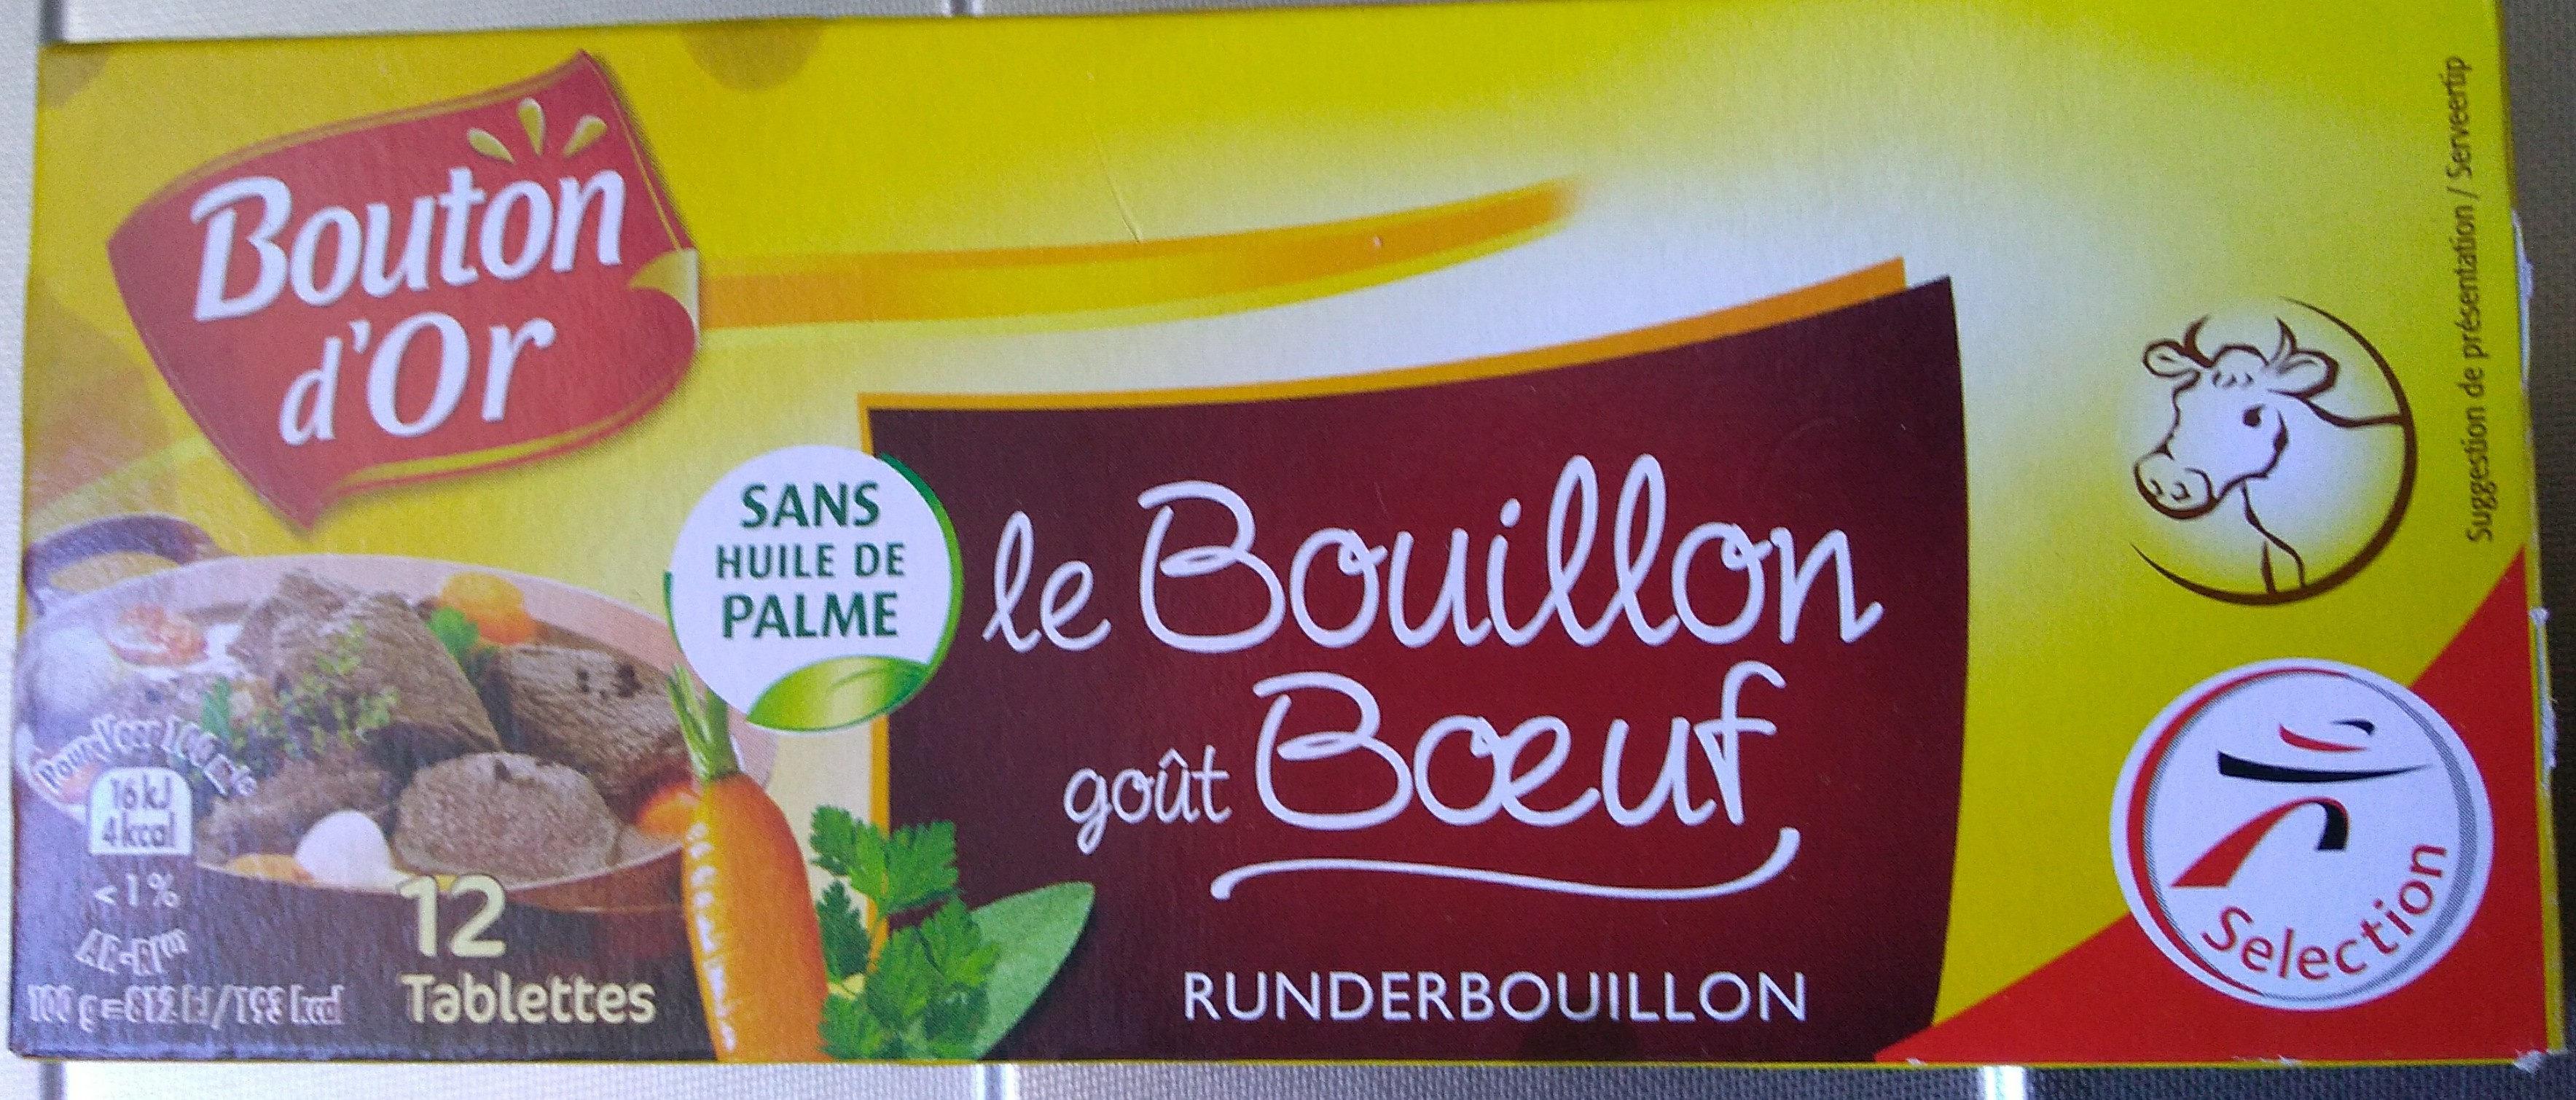 Le Bouillon De Bœuf, Le Paquet De - Product - fr